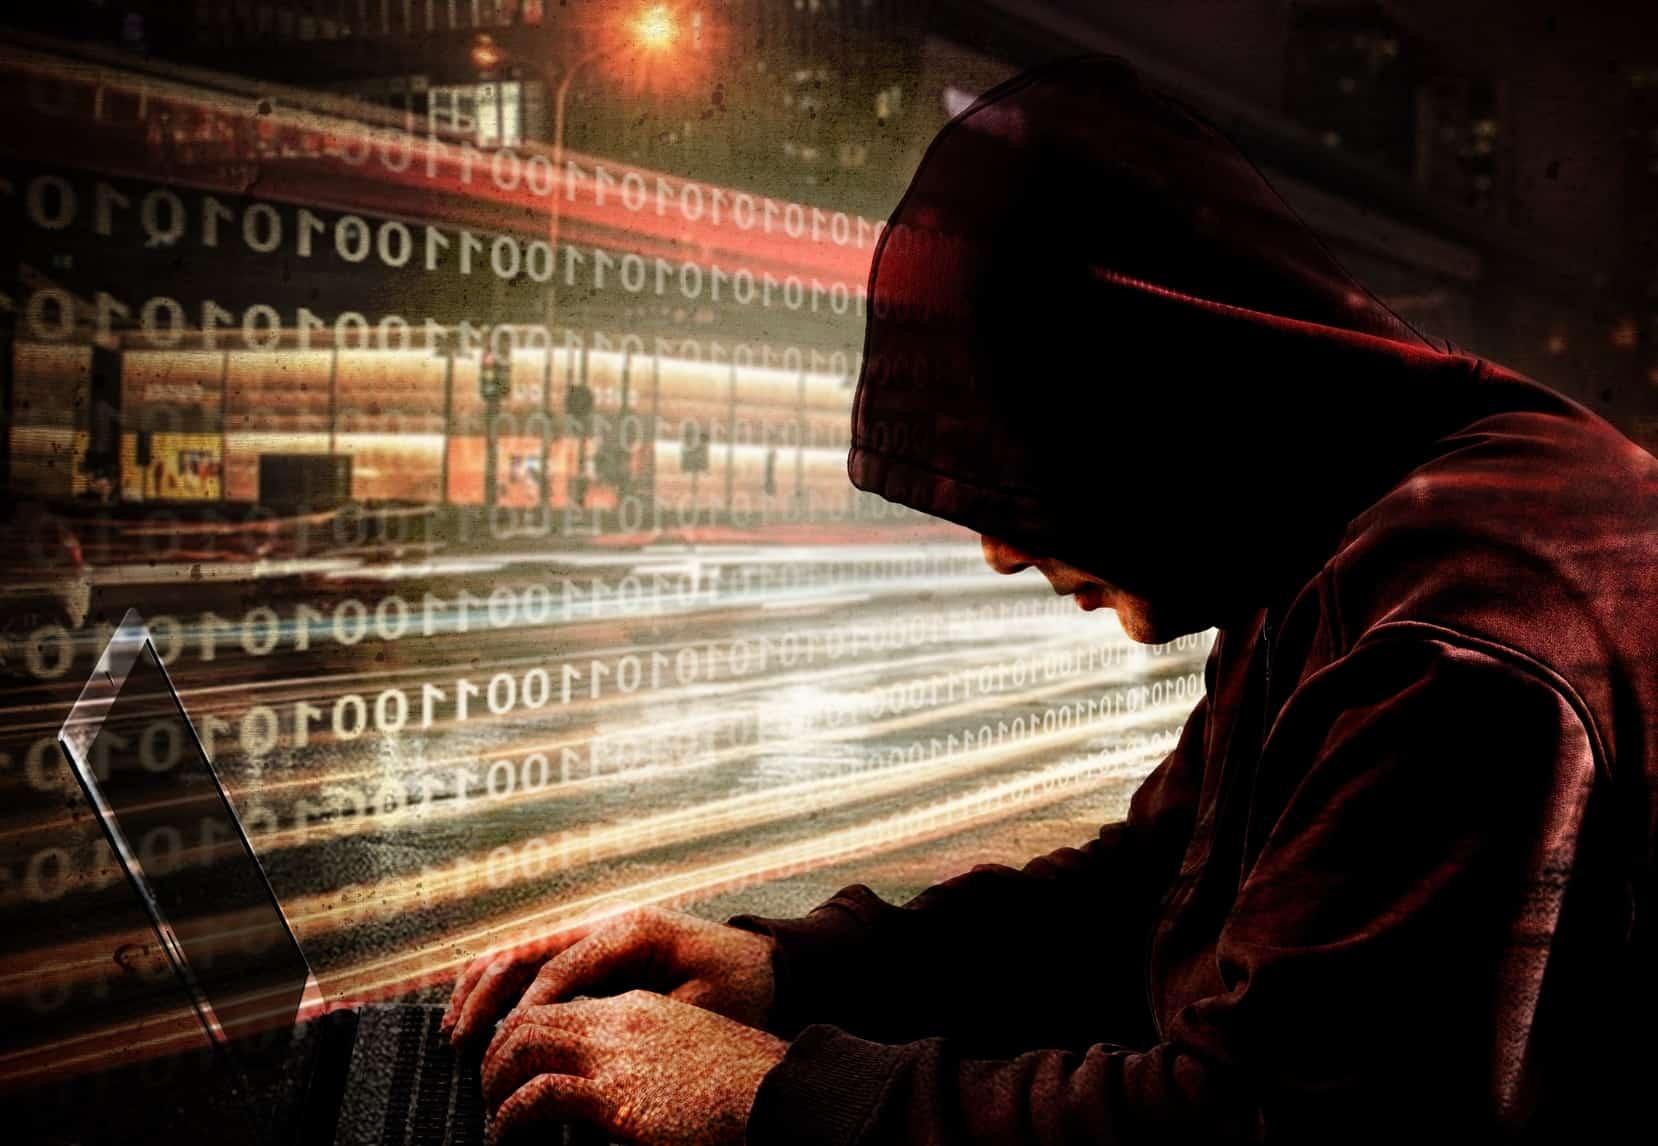 Ciberataques al sistema financiero serán más intensos y frecuentes: Condusef